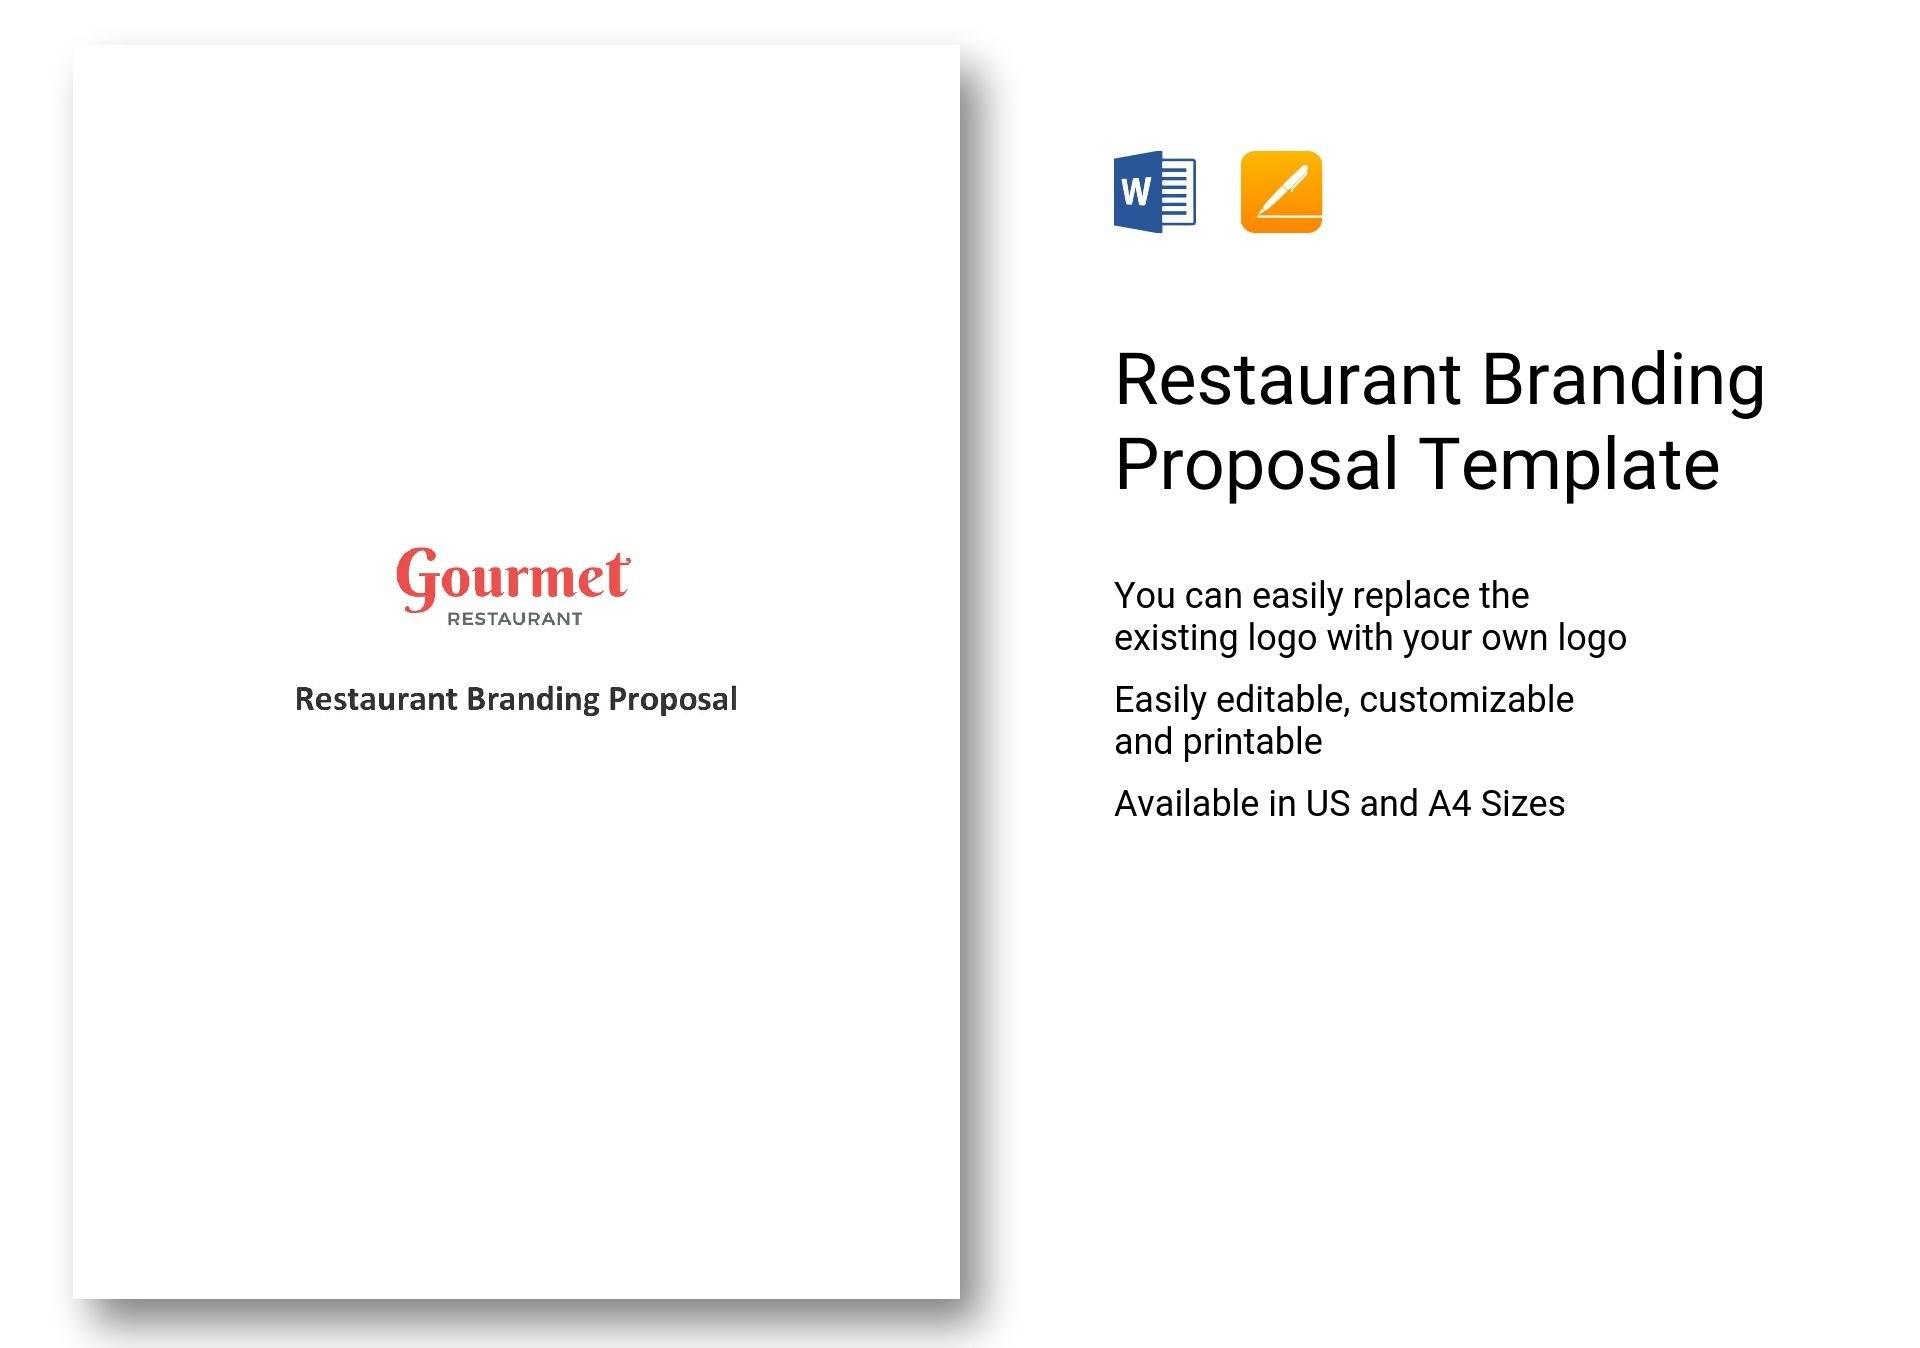 Restaurant Branding Proposal Template In Word Apple Pages Intended For Branding Proposal Template